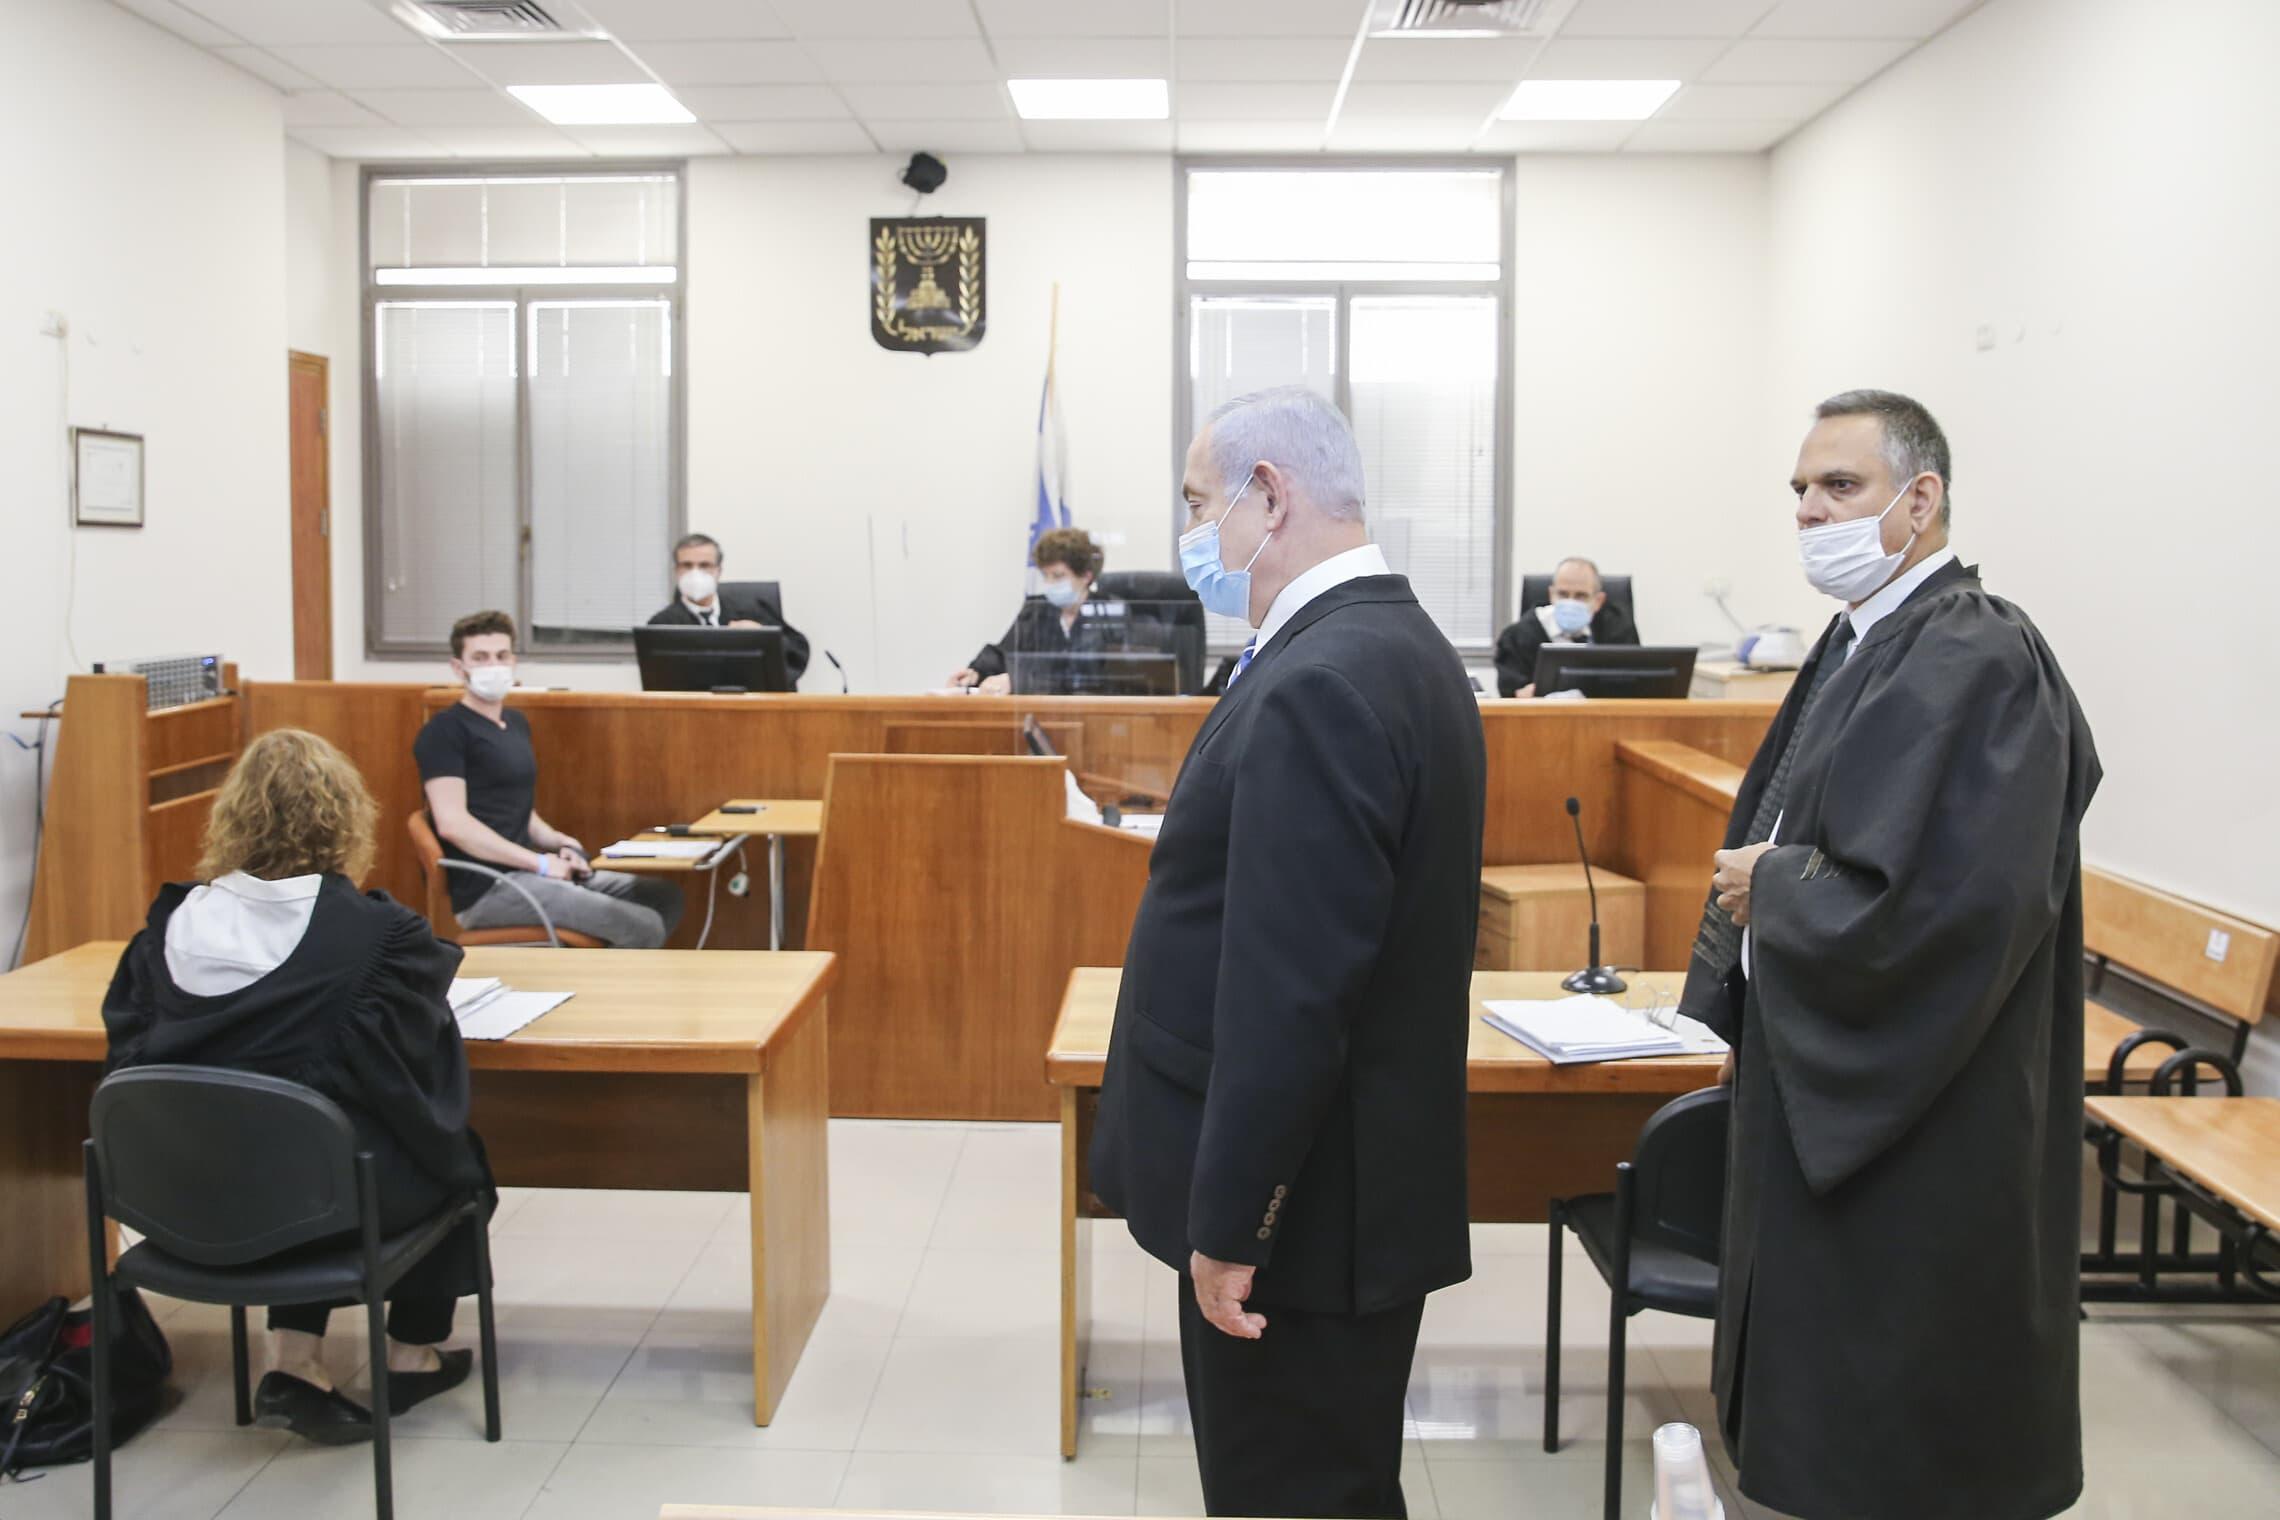 """עו""""ד מיכה פכטמן ובנימין נתניהו עומדים, התובעת ליאת בן-ארי (משמאל) יושבת מול השופטים ברגע פתיחת משפטו של ראש הממשלה בבית המשפט המחוזי בירושלים, 24 במאי 2020 (צילום: Amit Shabi/POOL)"""